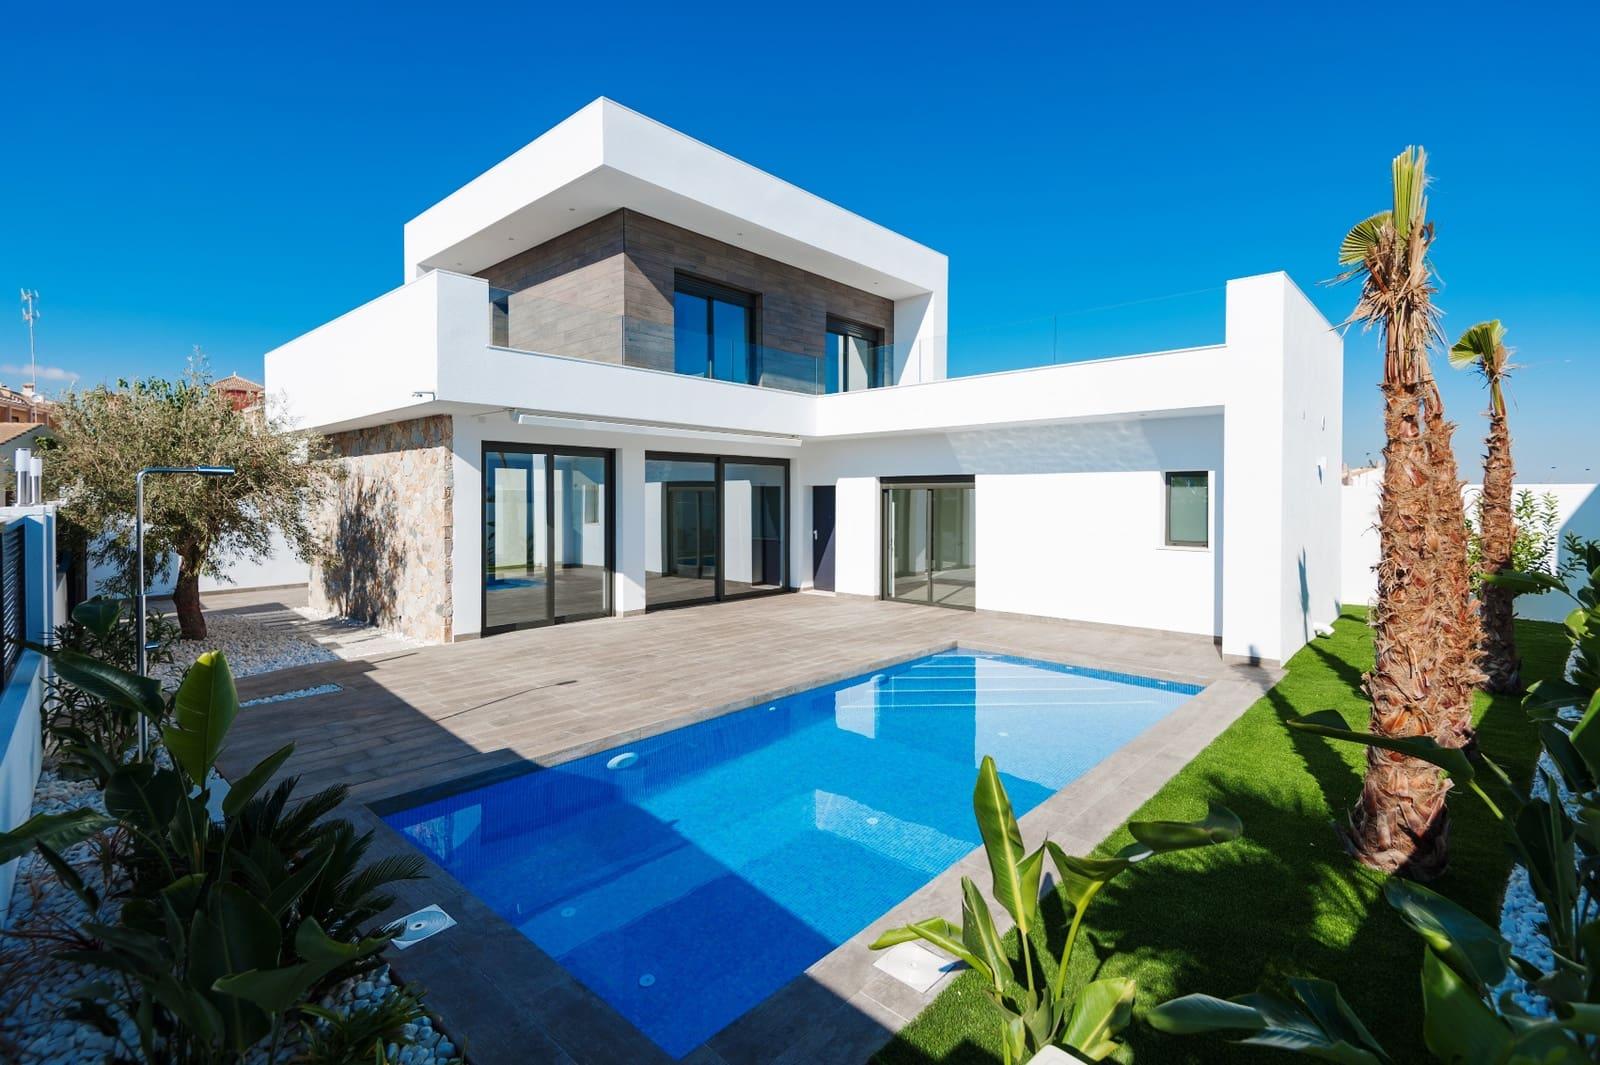 Chalet de 3 habitaciones en Pilar de la Horadada en venta con piscina - 409.900 € (Ref: 4947346)